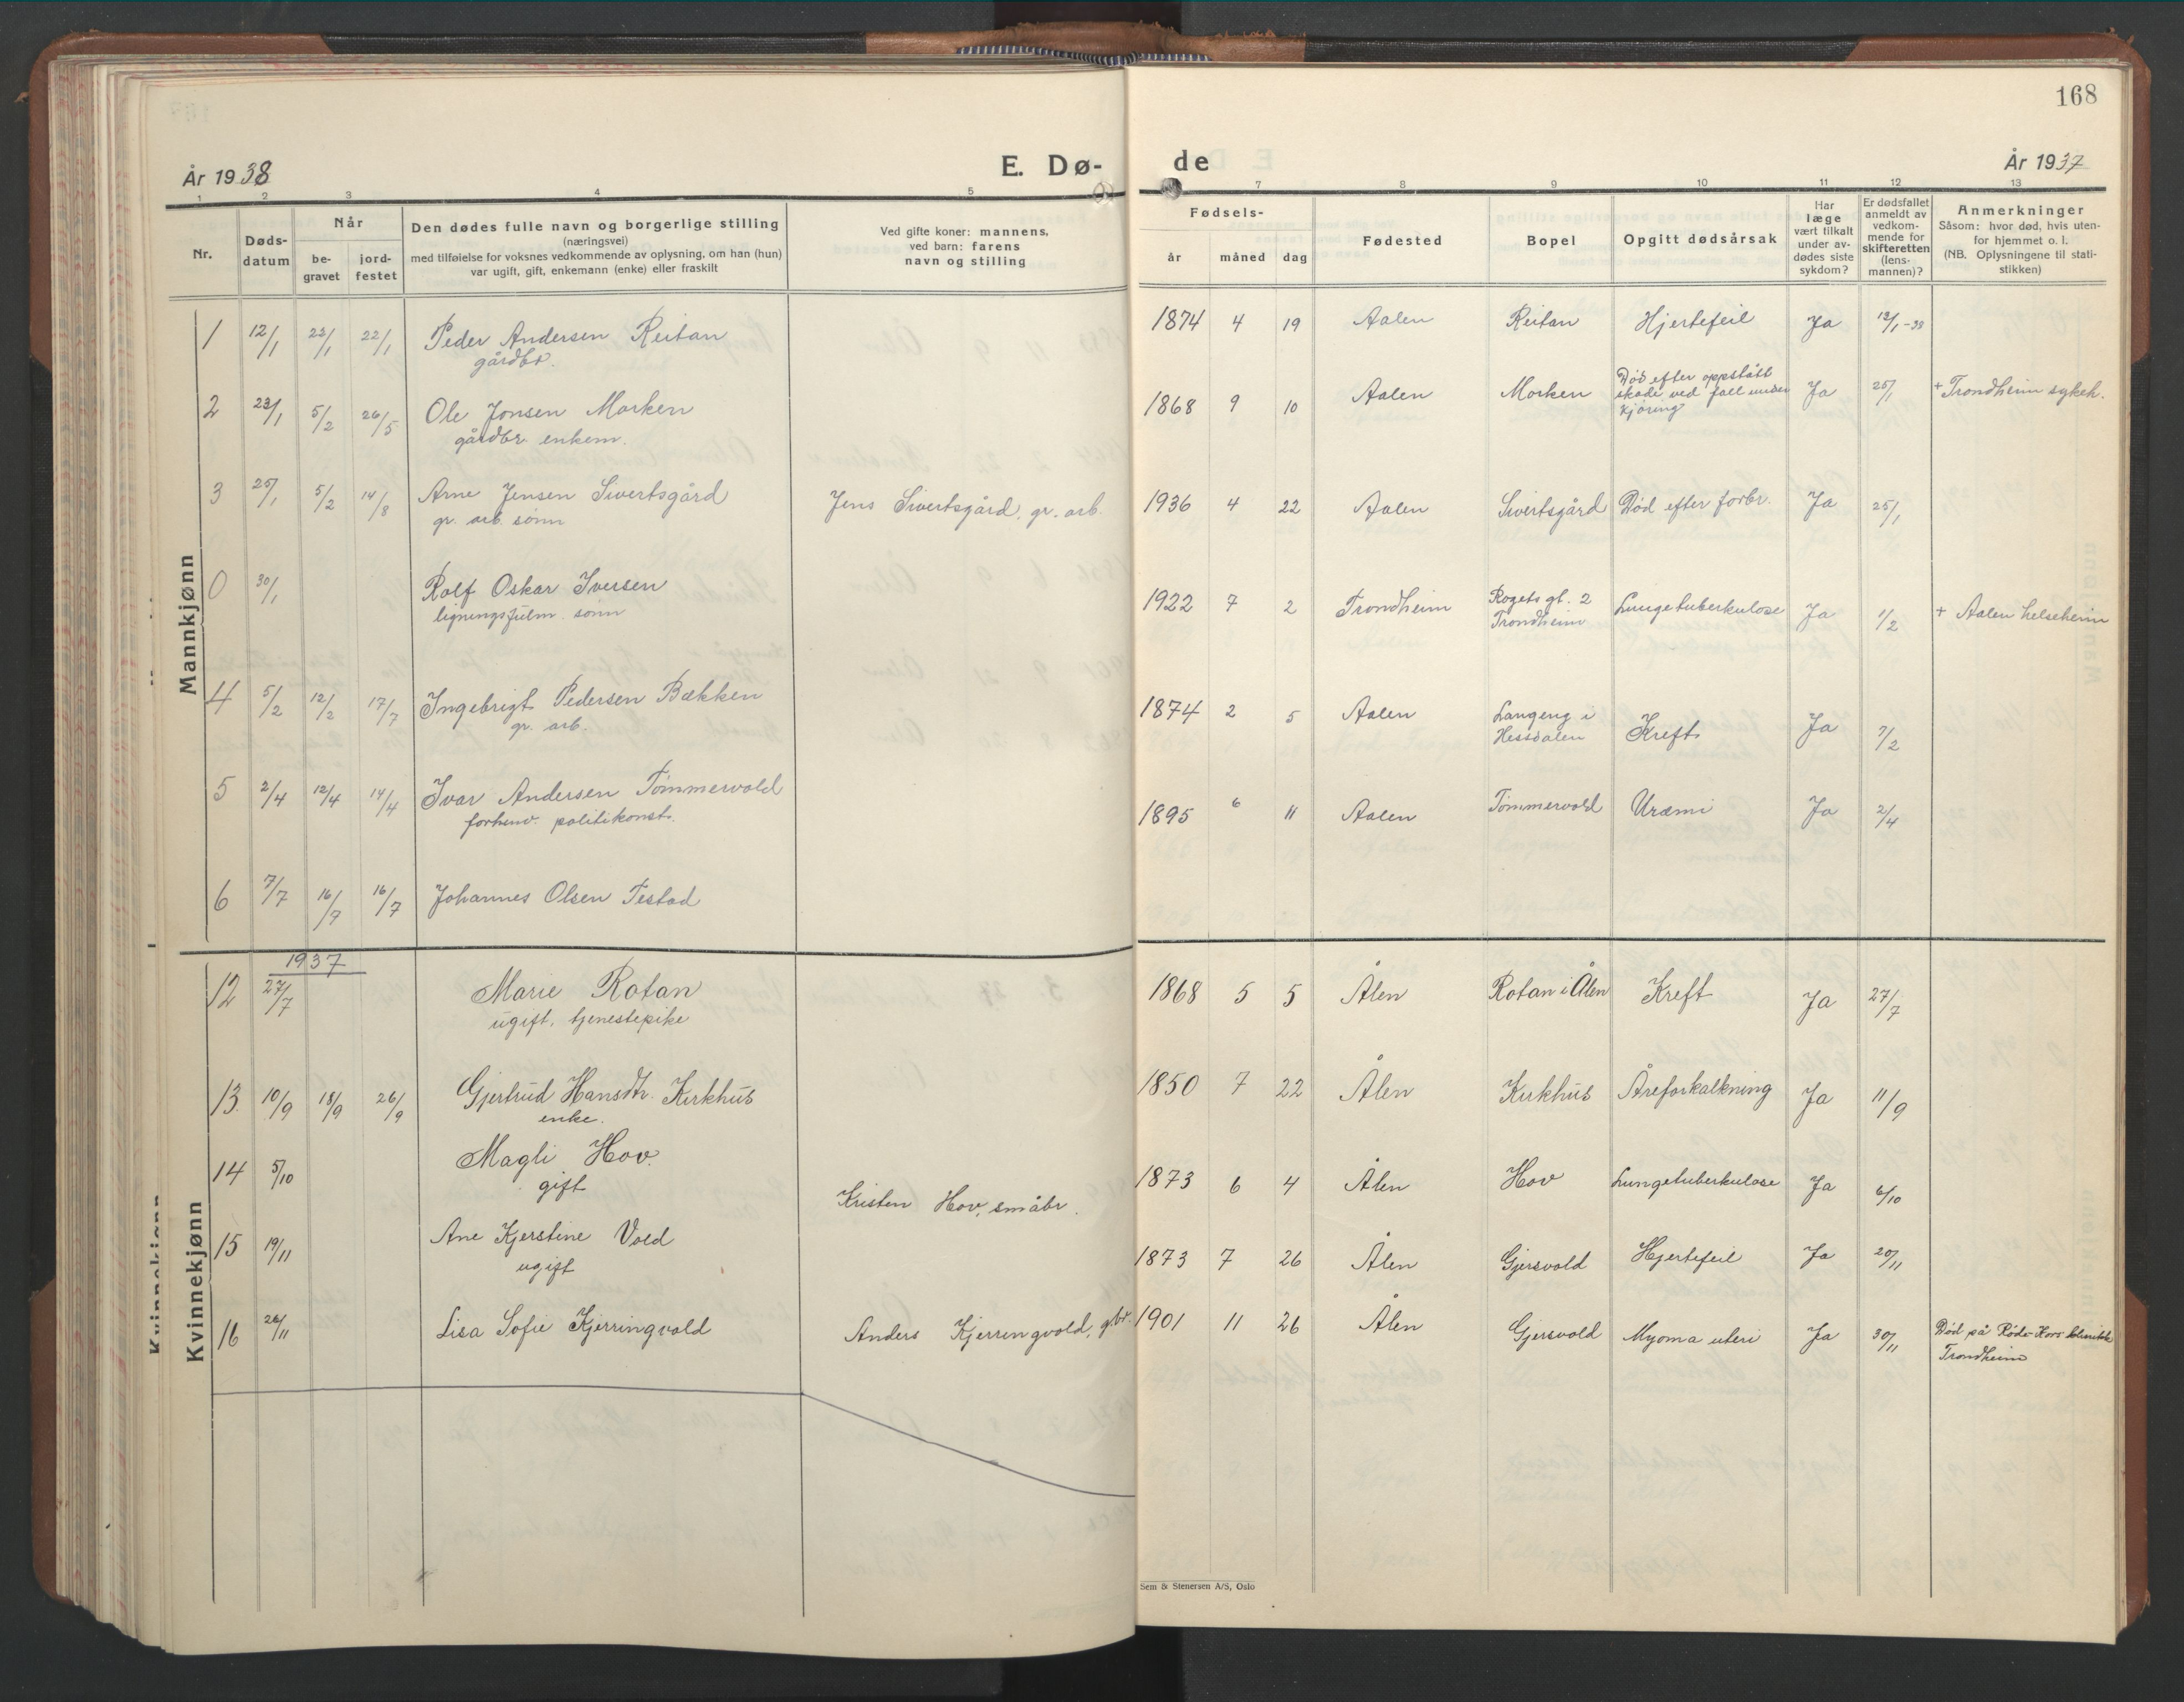 SAT, Ministerialprotokoller, klokkerbøker og fødselsregistre - Sør-Trøndelag, 686/L0986: Klokkerbok nr. 686C02, 1933-1950, s. 168